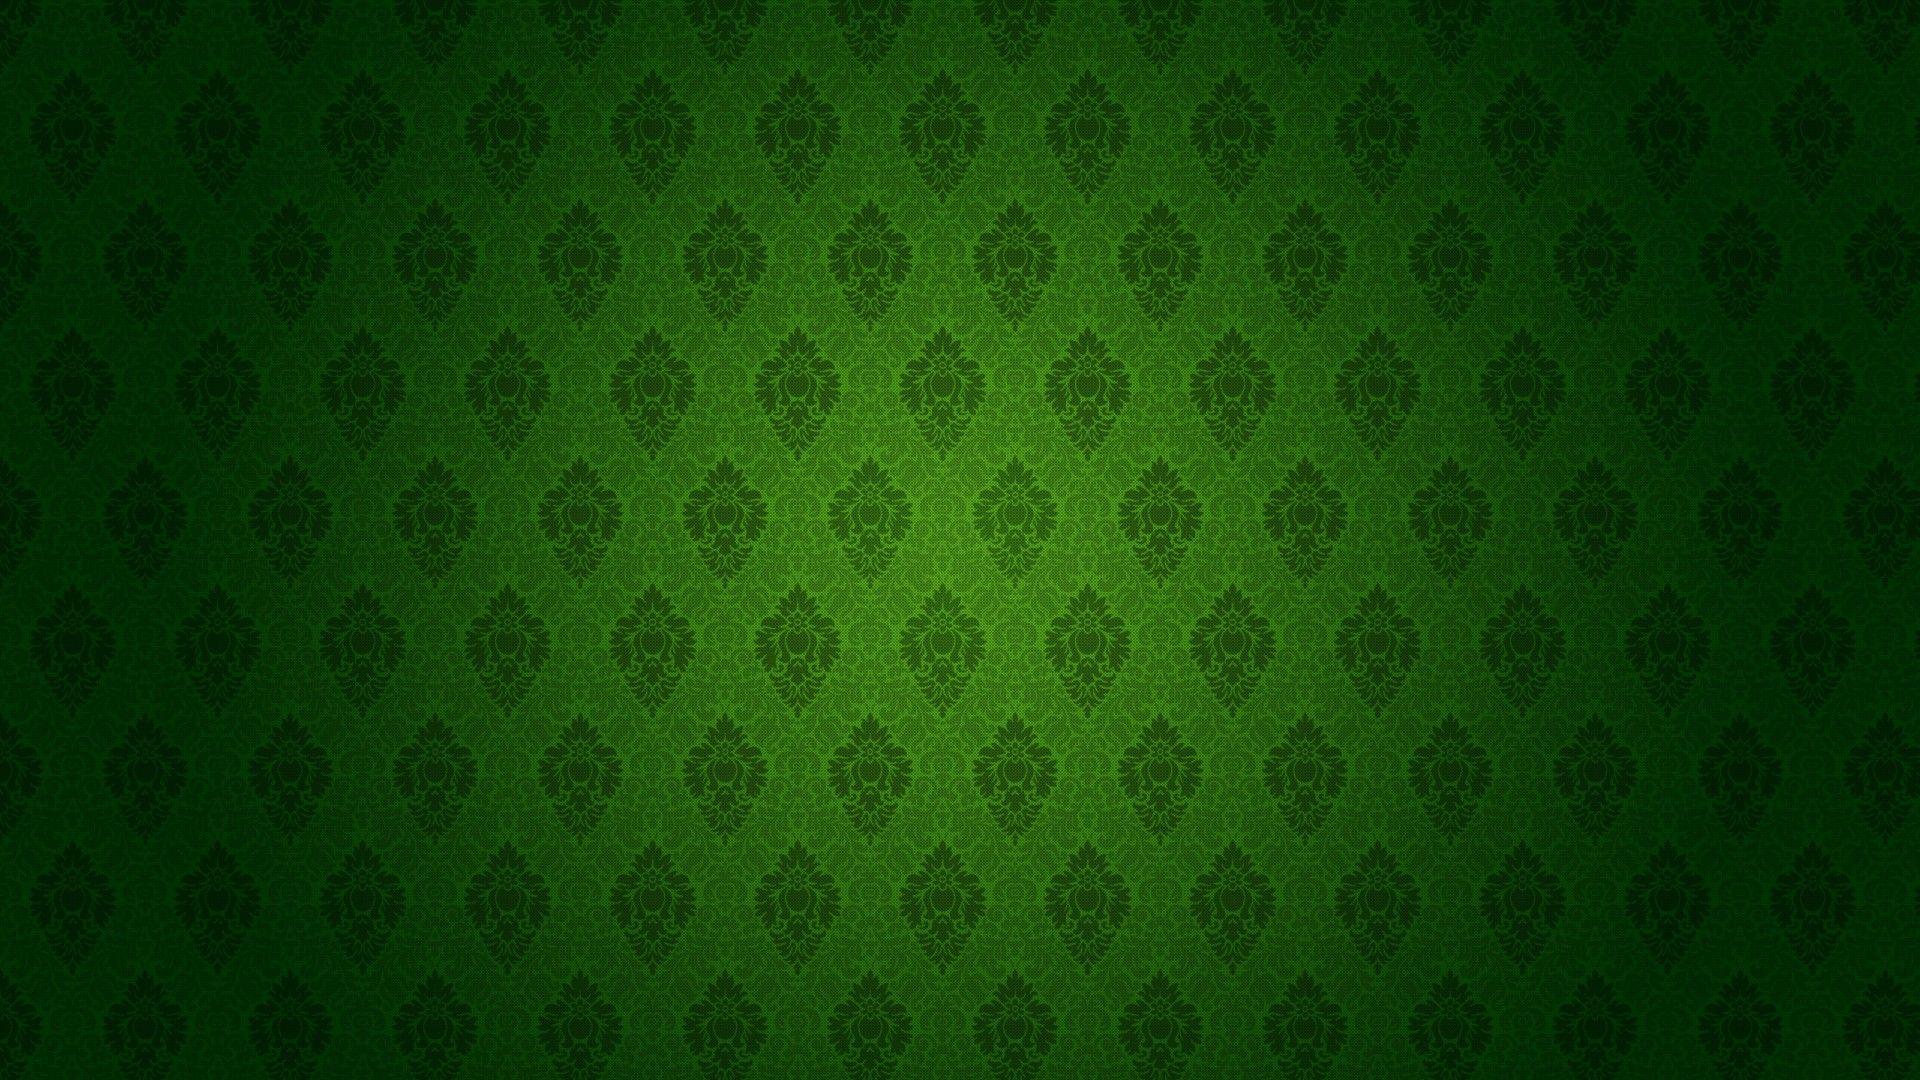 Dark Green Wallpaper Hd 1280 960 Dark Green Wallpaper 48 Wallpapers Adorable Wallpapers Cool Desktop Backgrounds Hd Cool Wallpapers Cool Desktop